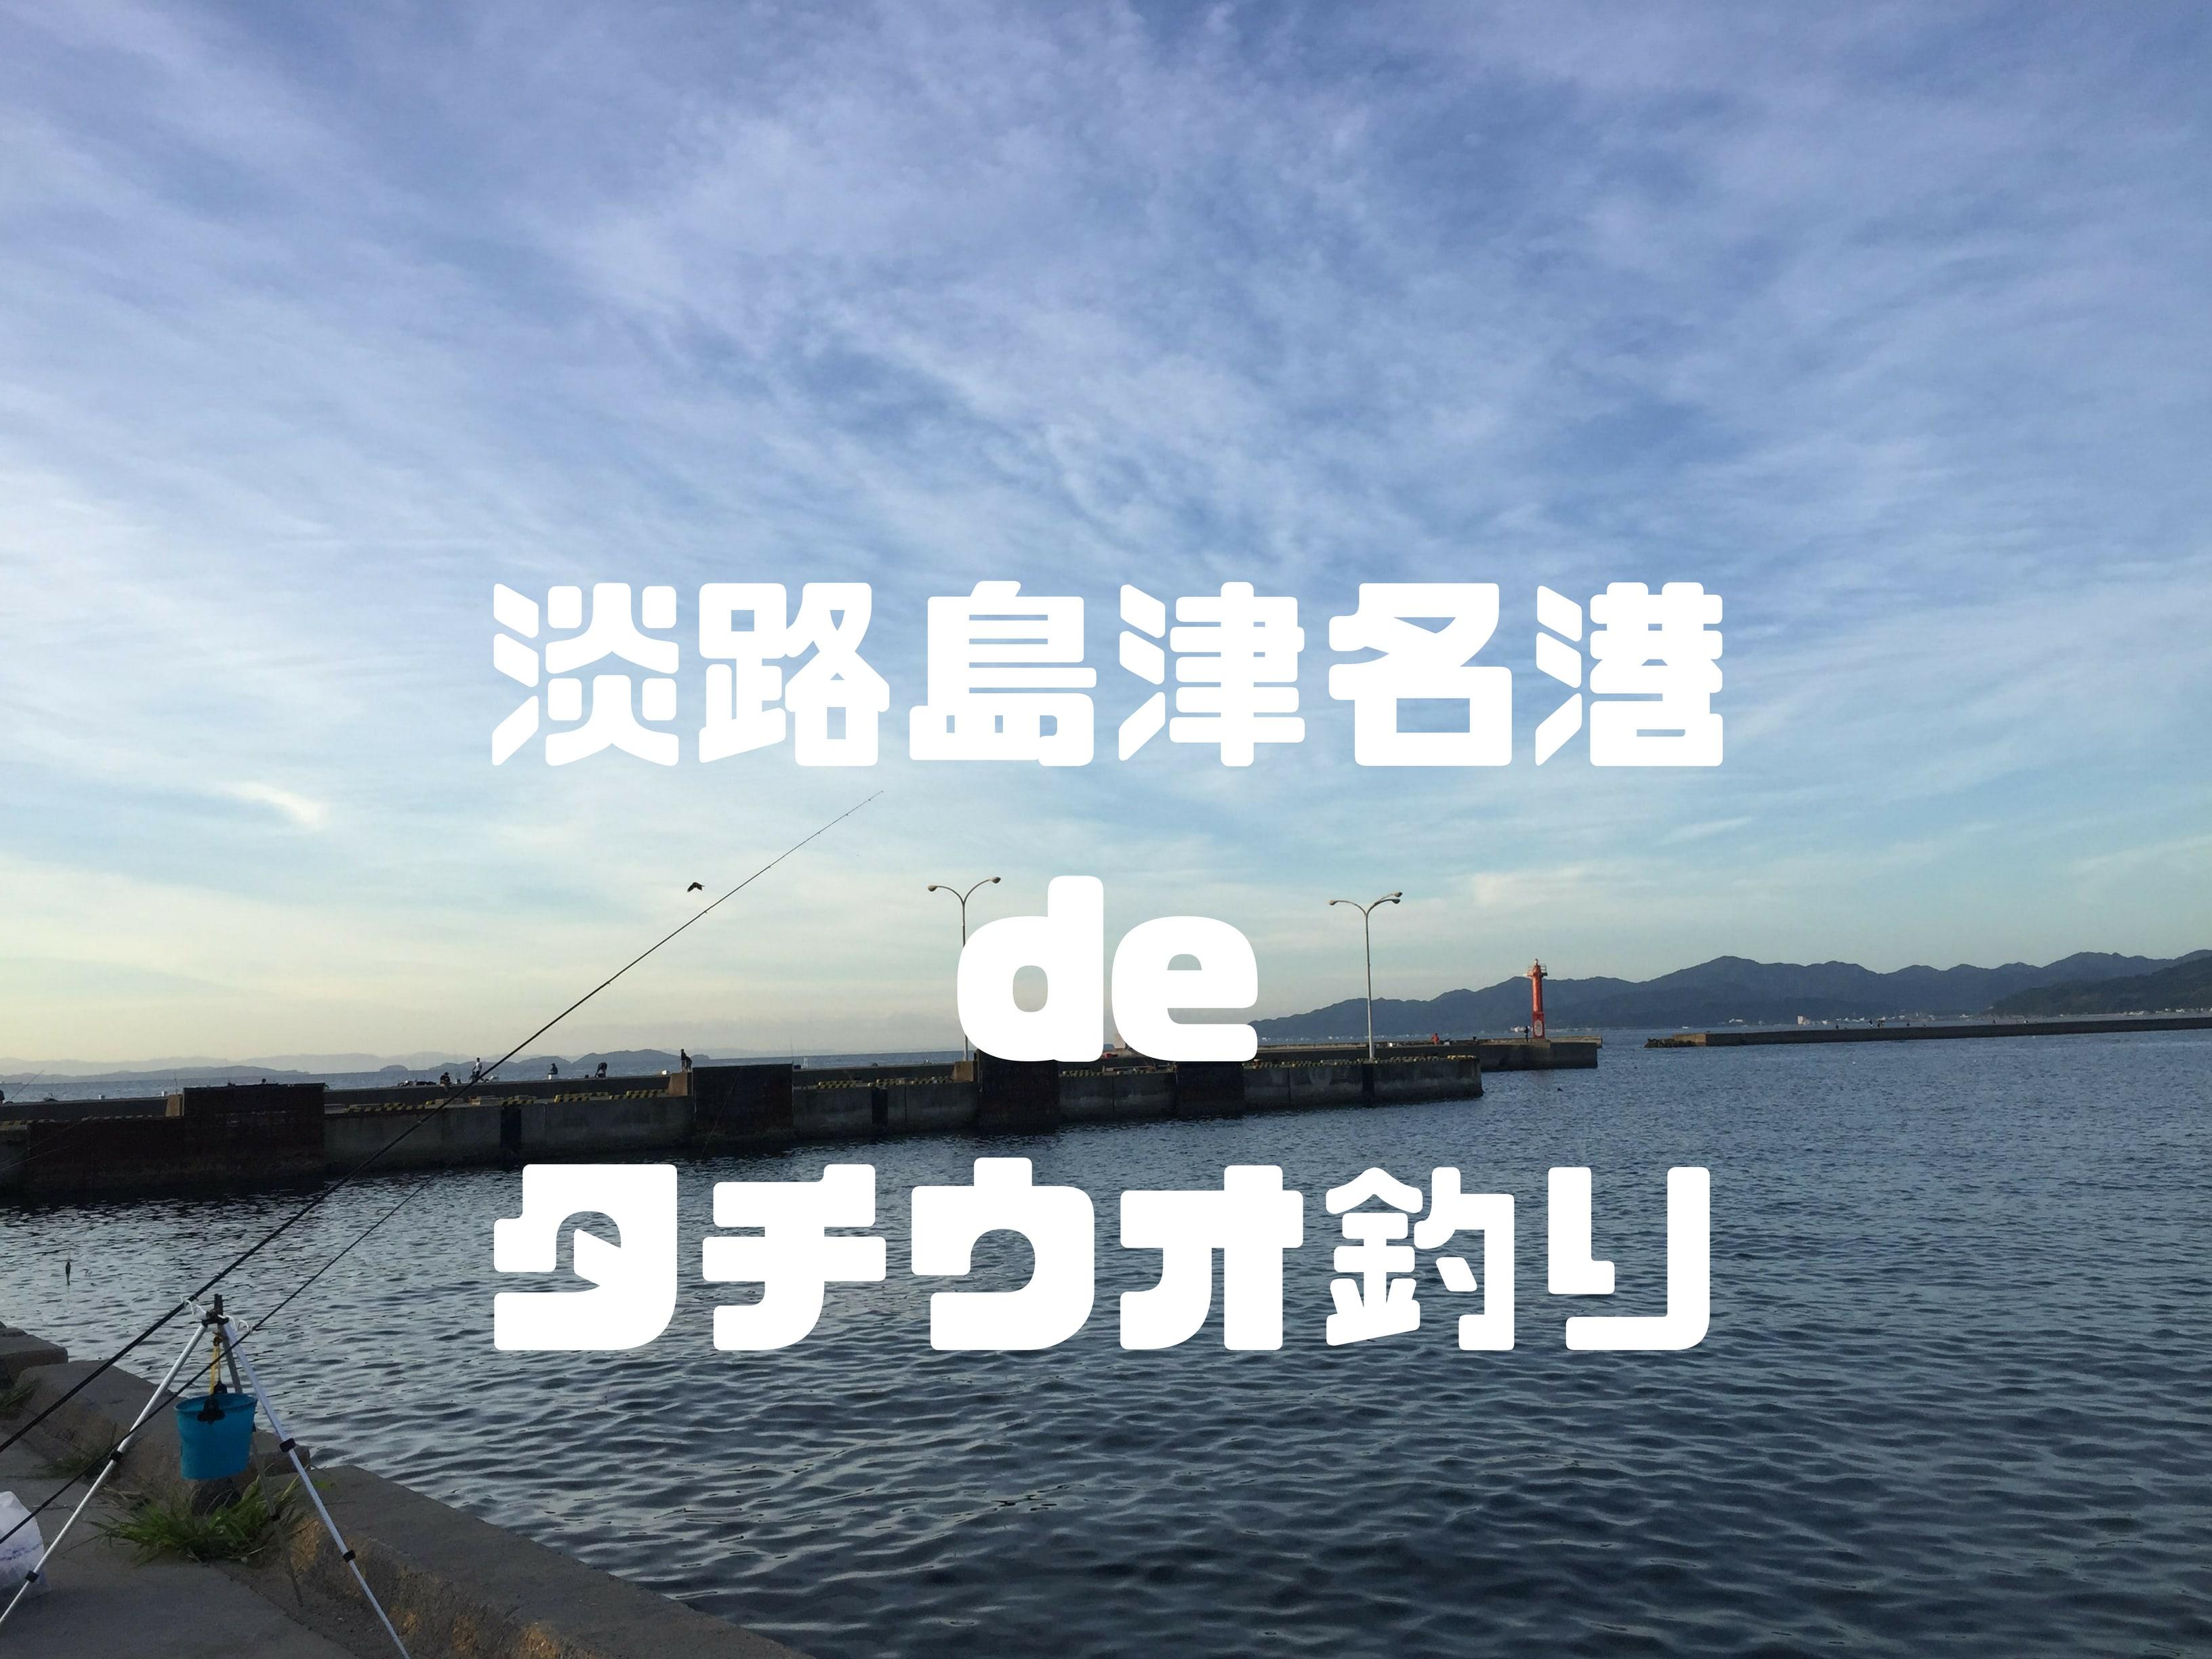 淡路島の津名港でタチウオ釣り